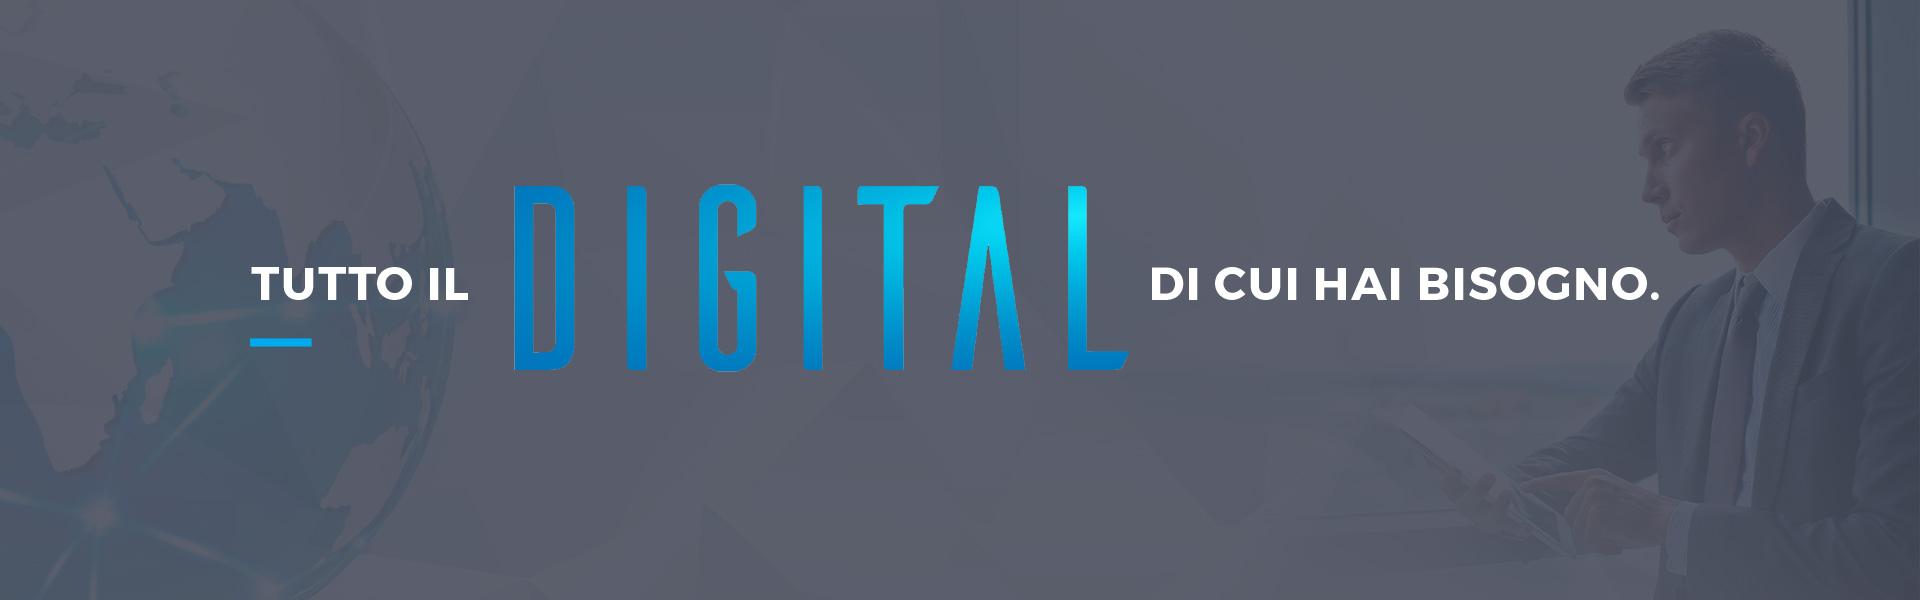 Digital World Asiago - Tutto il digitale di cui hai bisogno